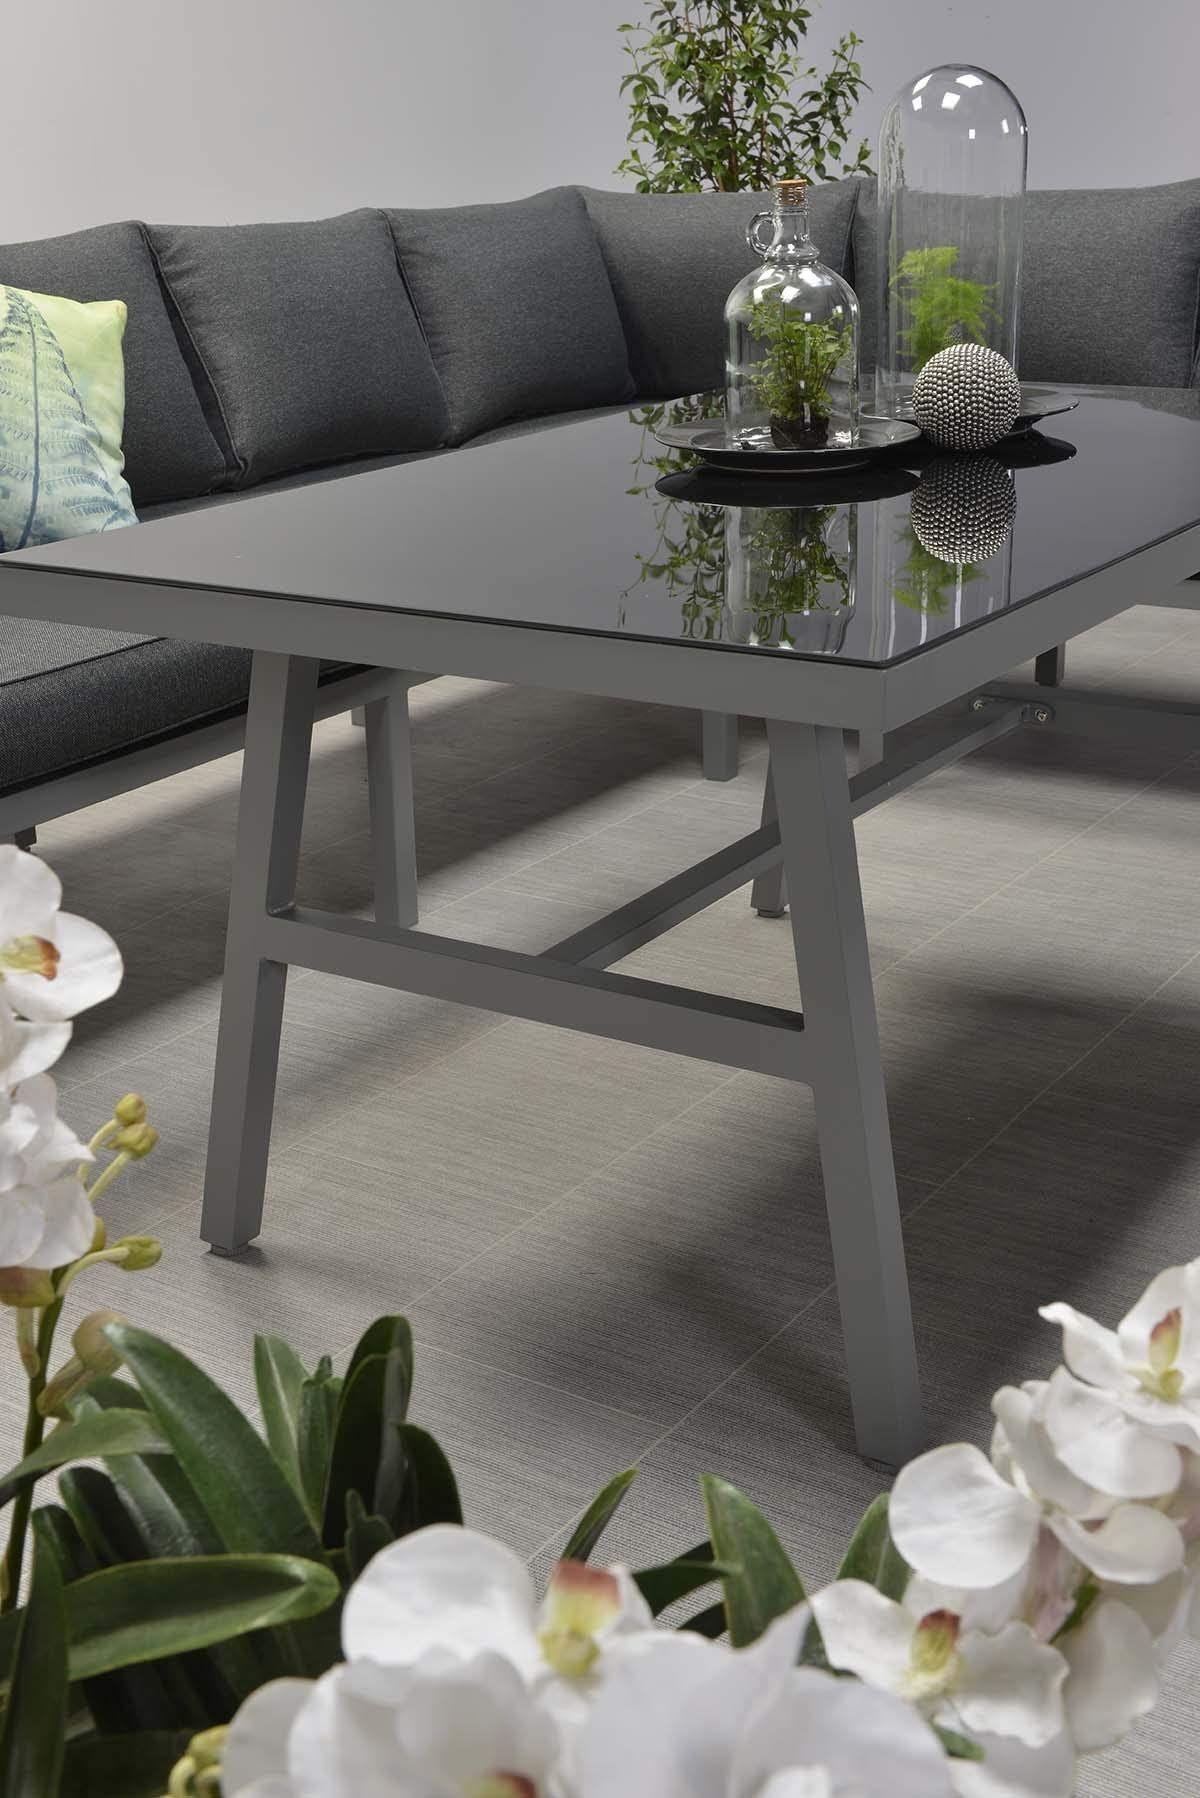 Amazon De Garden Impressions Hohe Dining Aluminium Lounge Blakes Anthrazit Rechts Inklusive Xl Bank Und Wasserabweisender Kisse In 2021 Sitzgruppe Gartenmobel Lounge